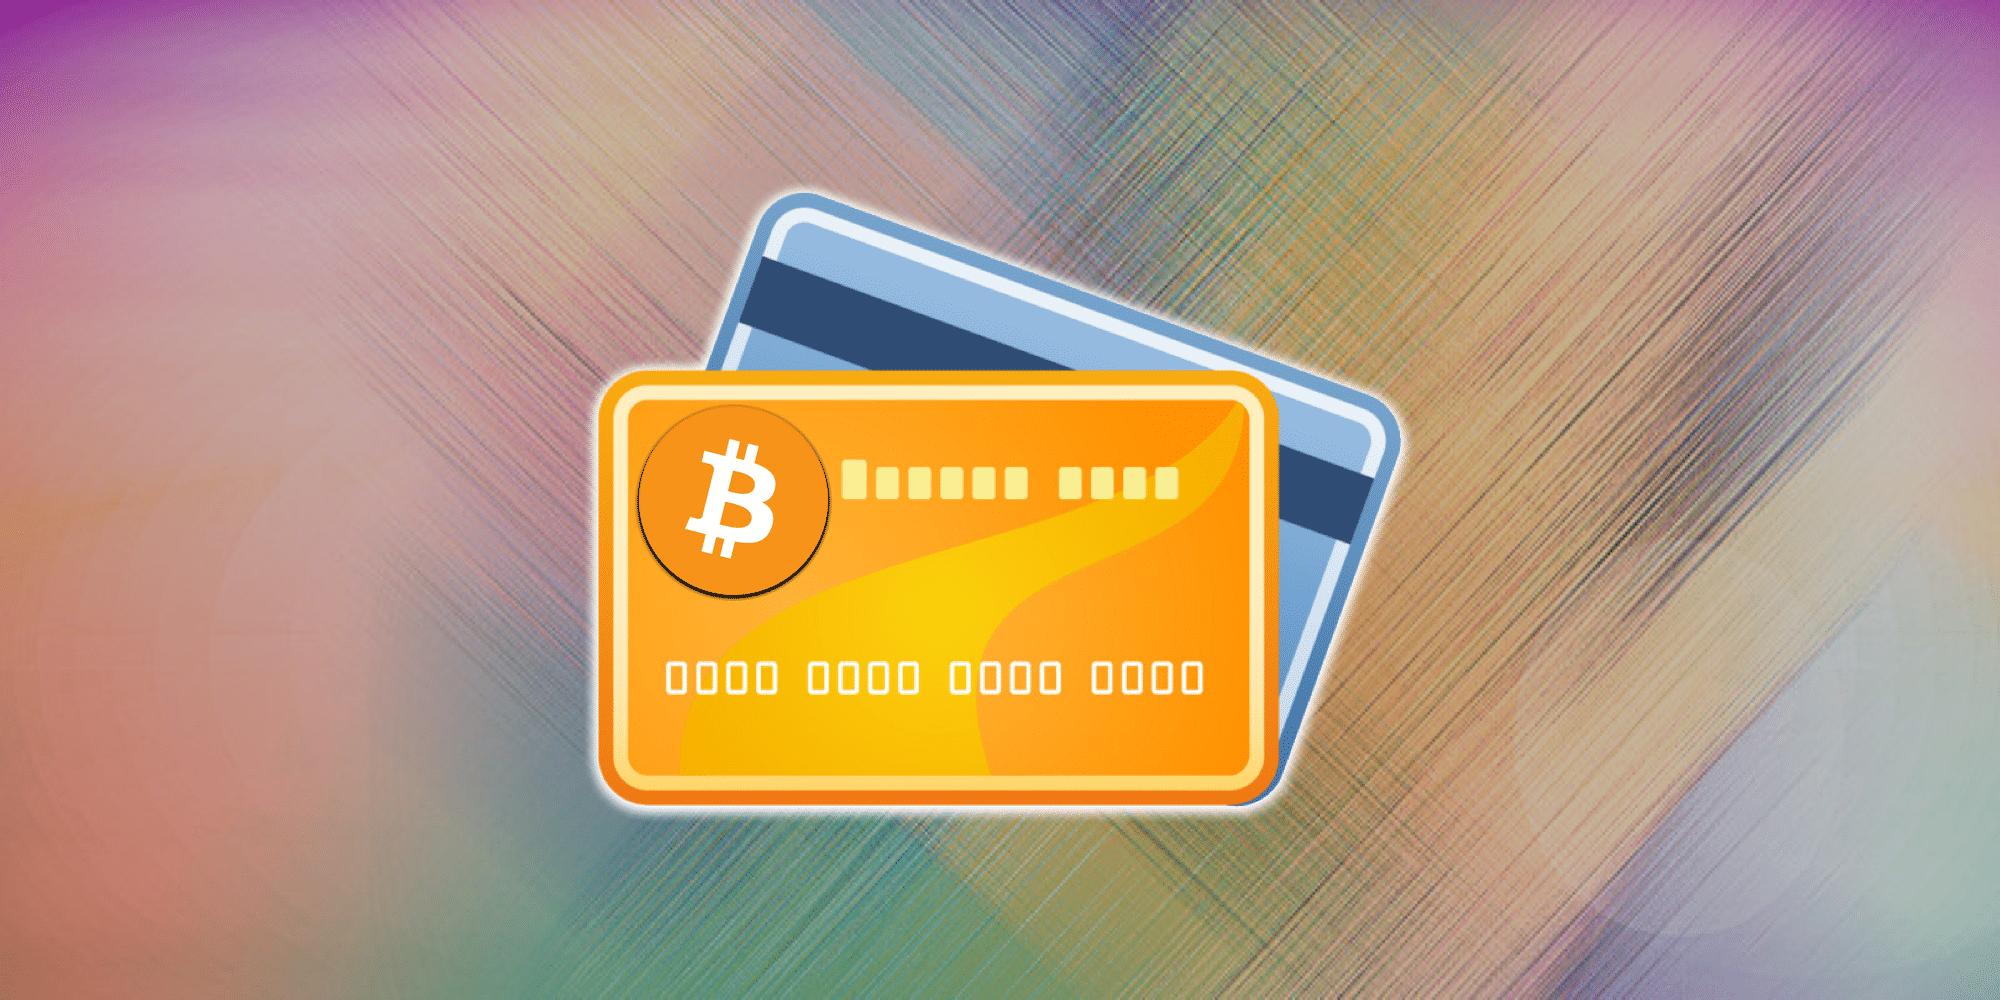 monete criptovalute come il commercio criptovaluta a scopo di lucro